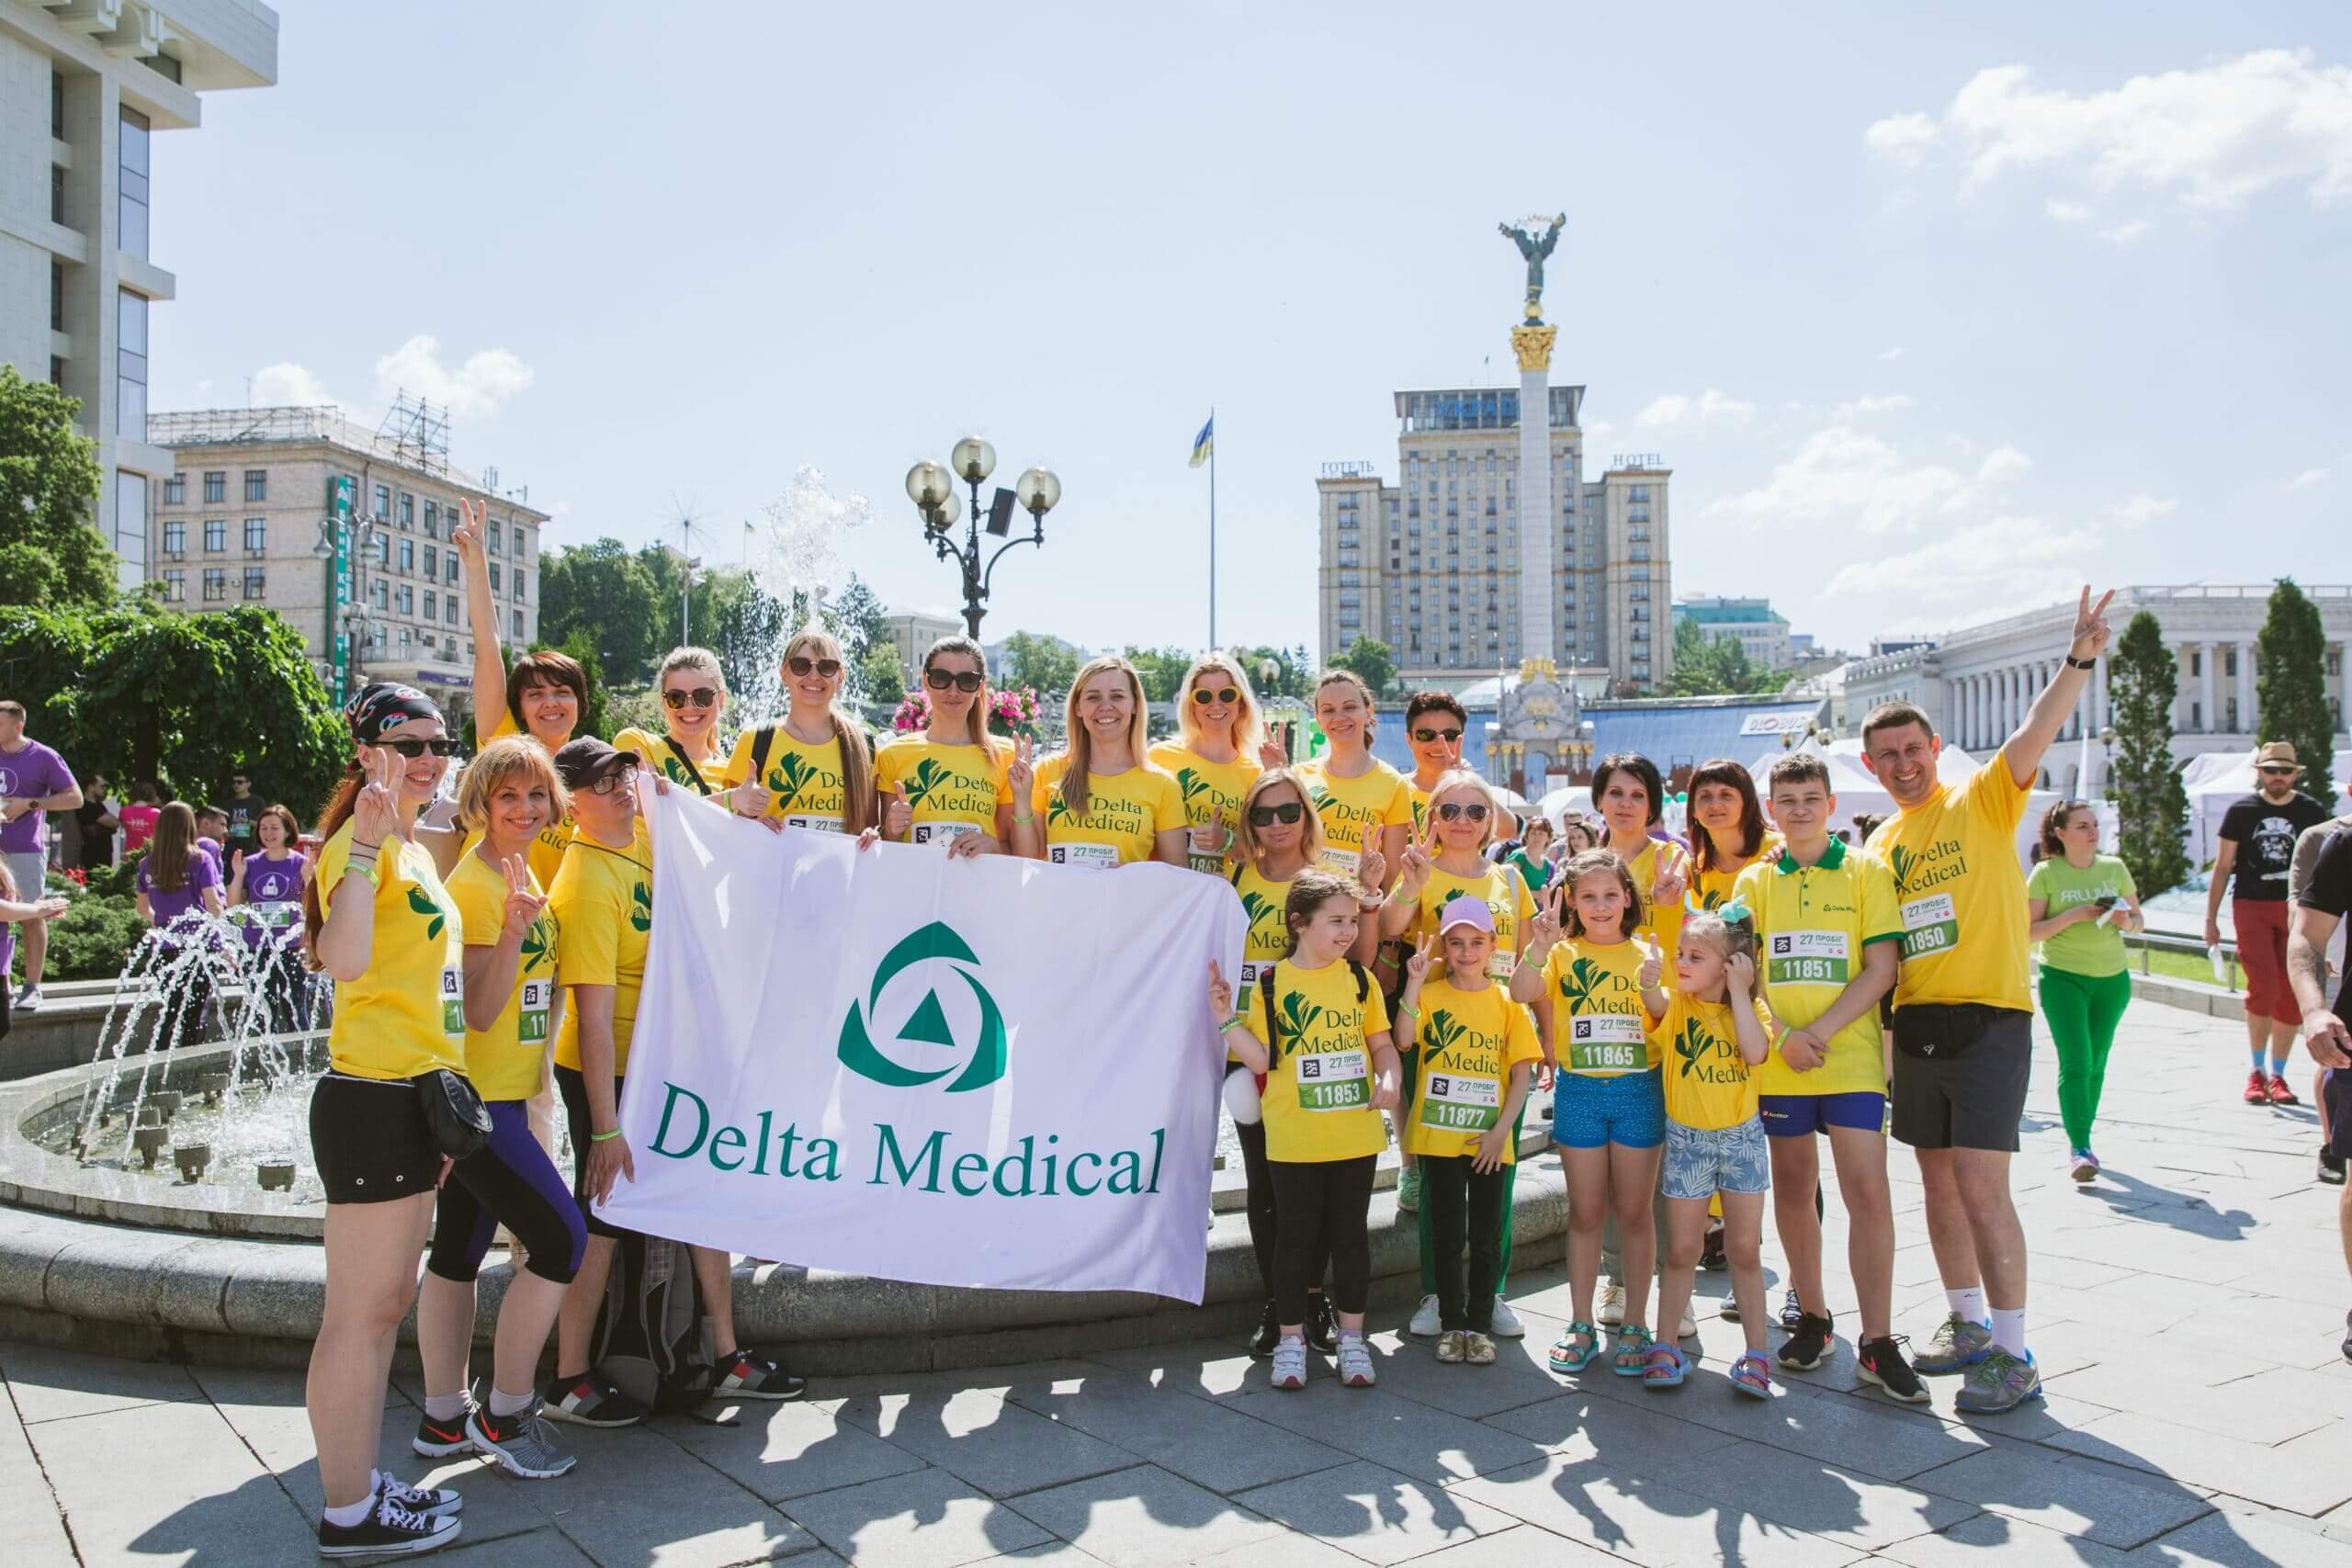 Delta Medical візьме онлайн-участь в 28-му Пробігу під каштанами